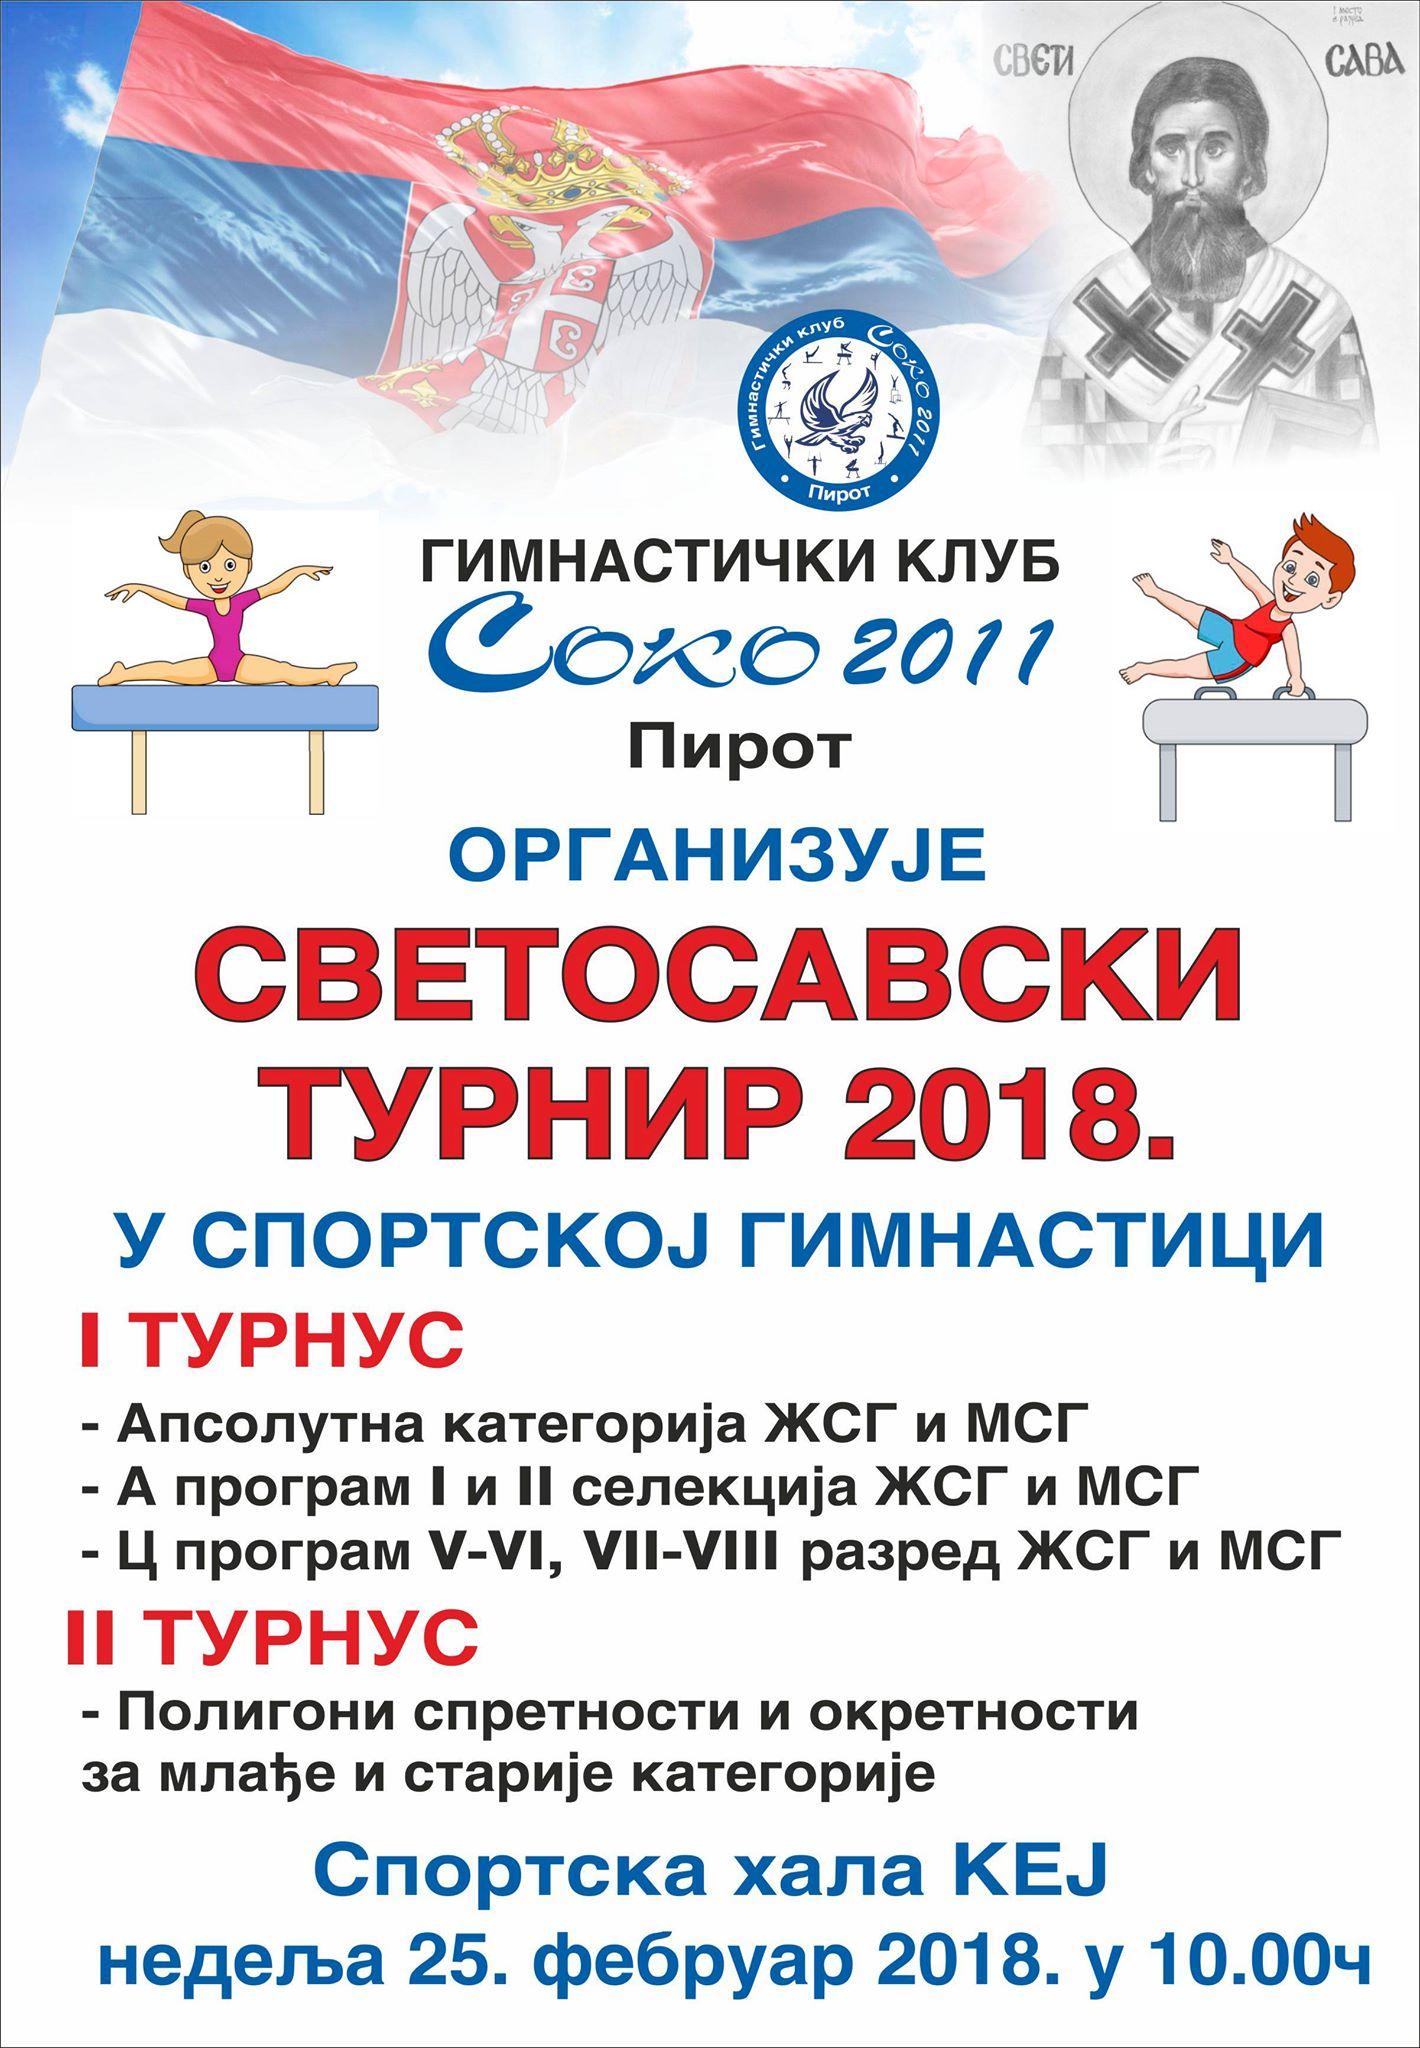 Photo of Svetosavski turnir u gimnastici